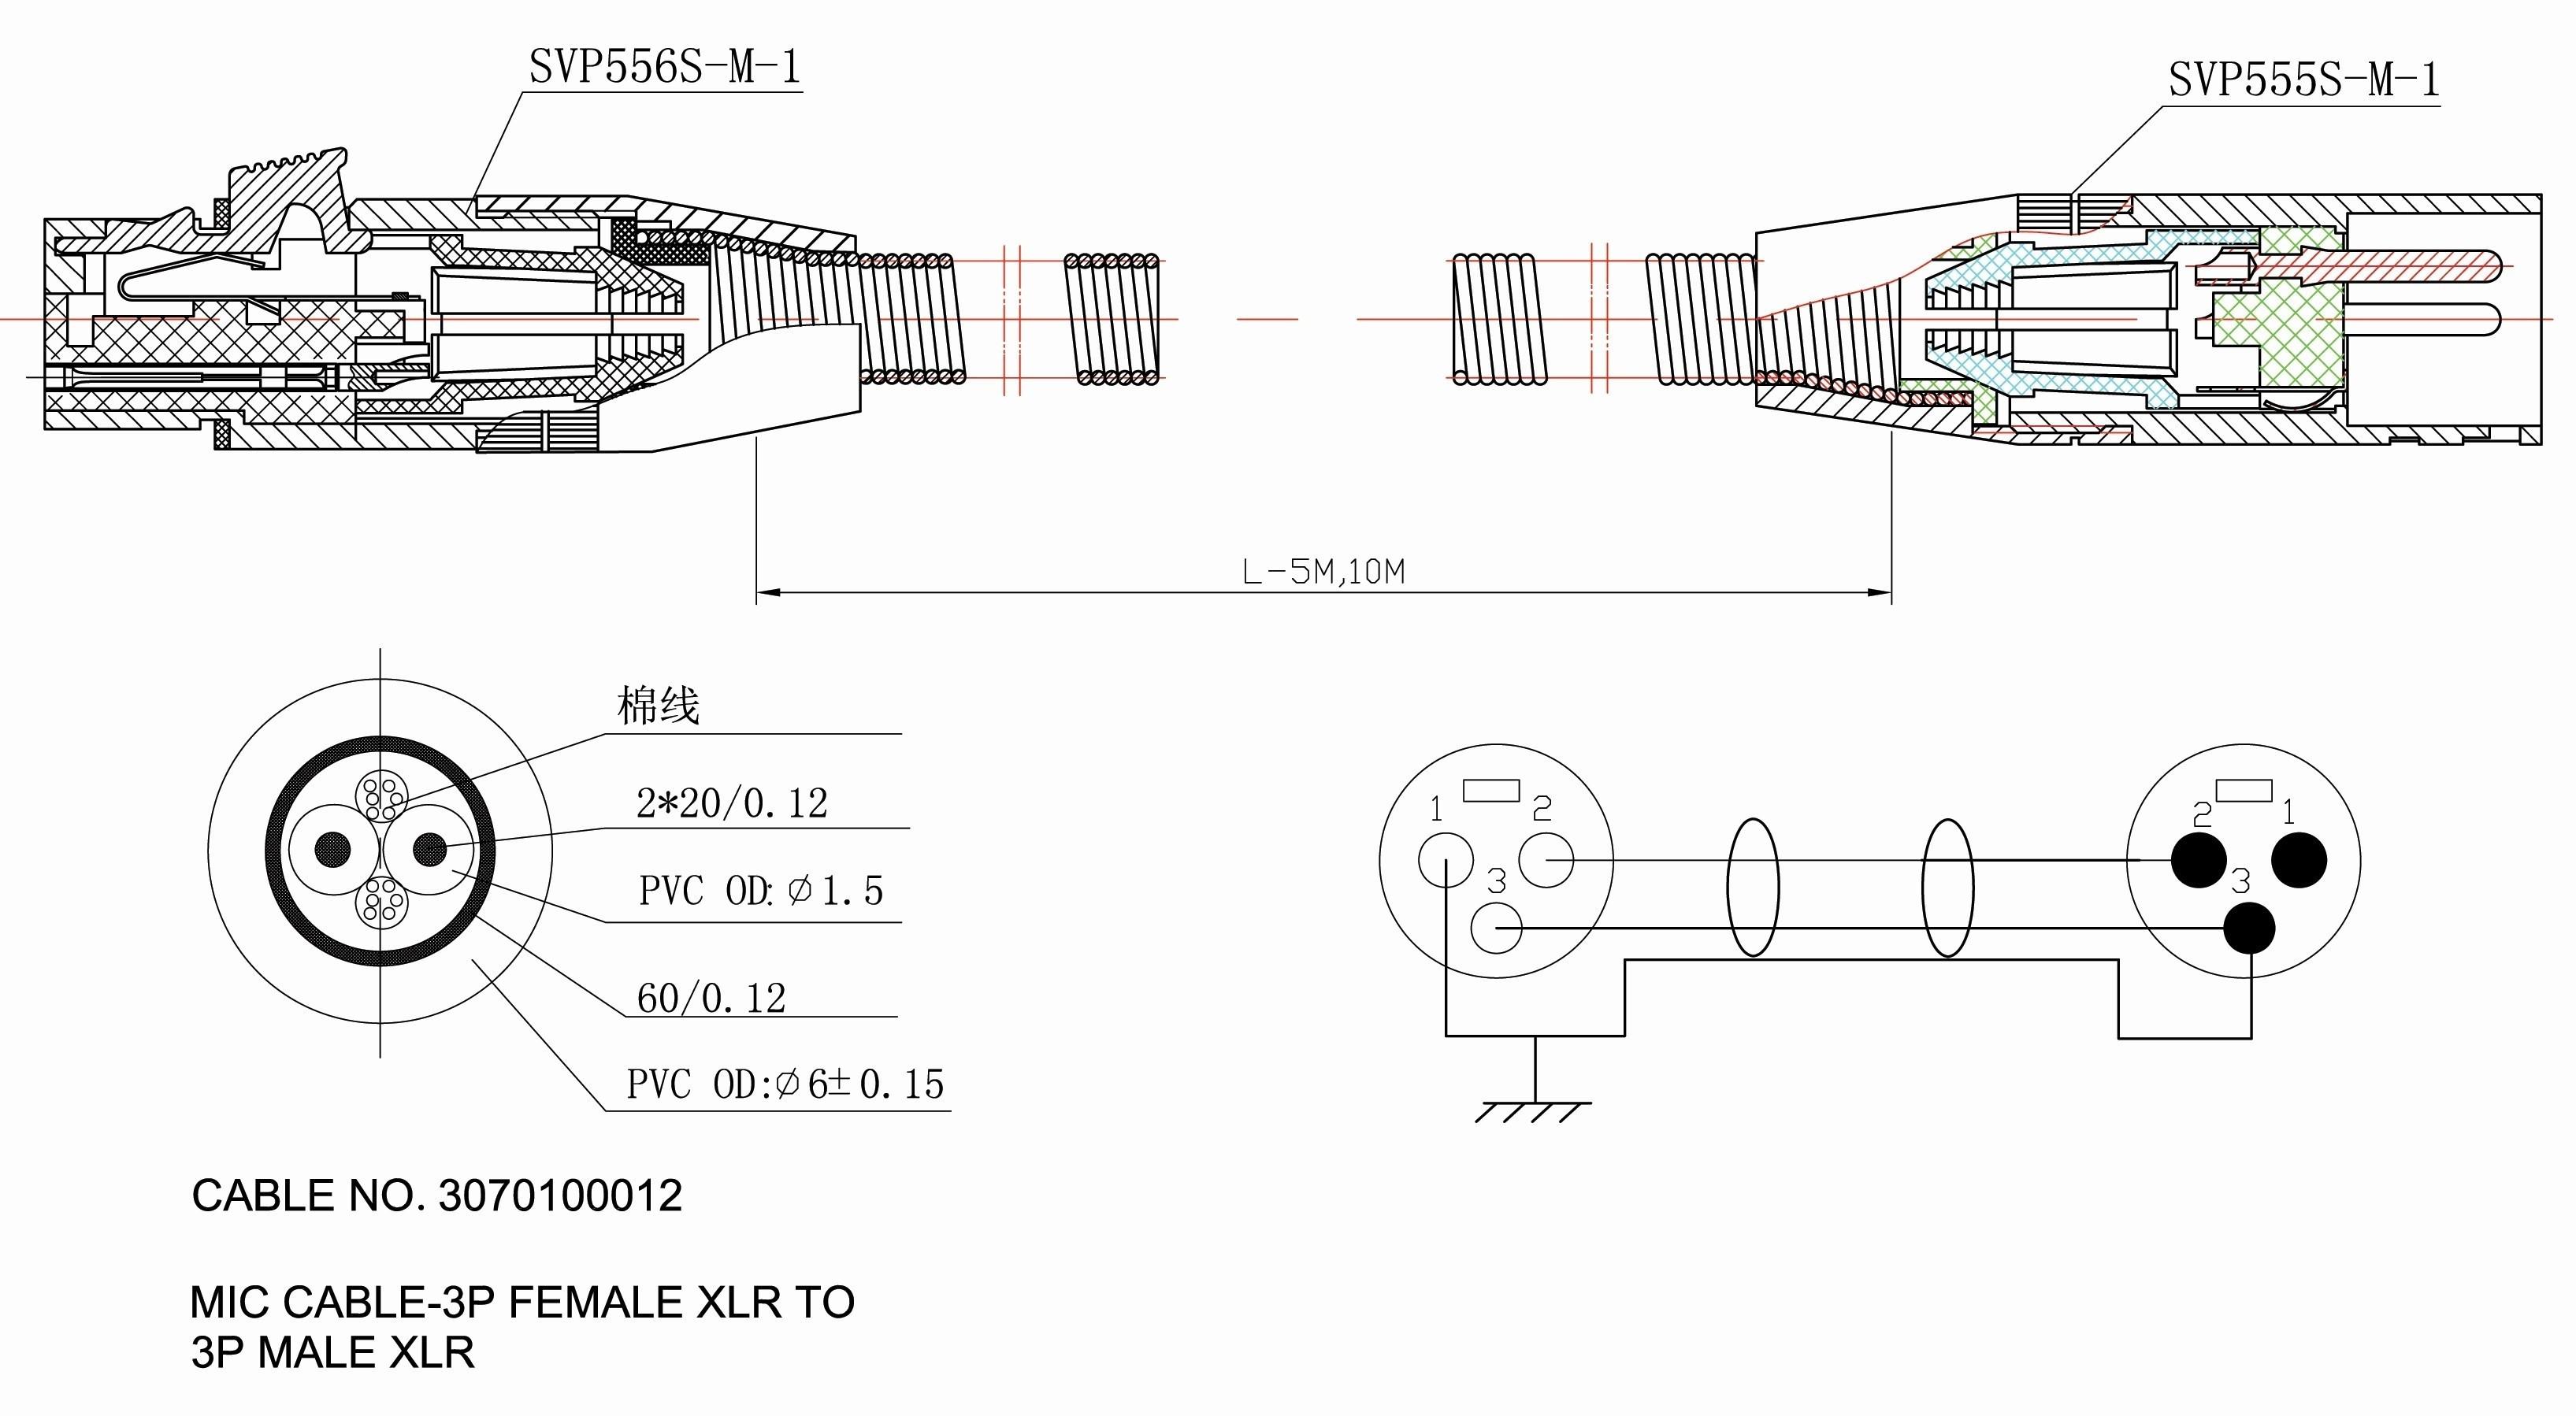 Rj45 Jack Wiring Diagram Rj45 Wiring Diagram Australia Of Rj45 Jack Wiring Diagram Rj45 Wiring Diagram Albertasafety